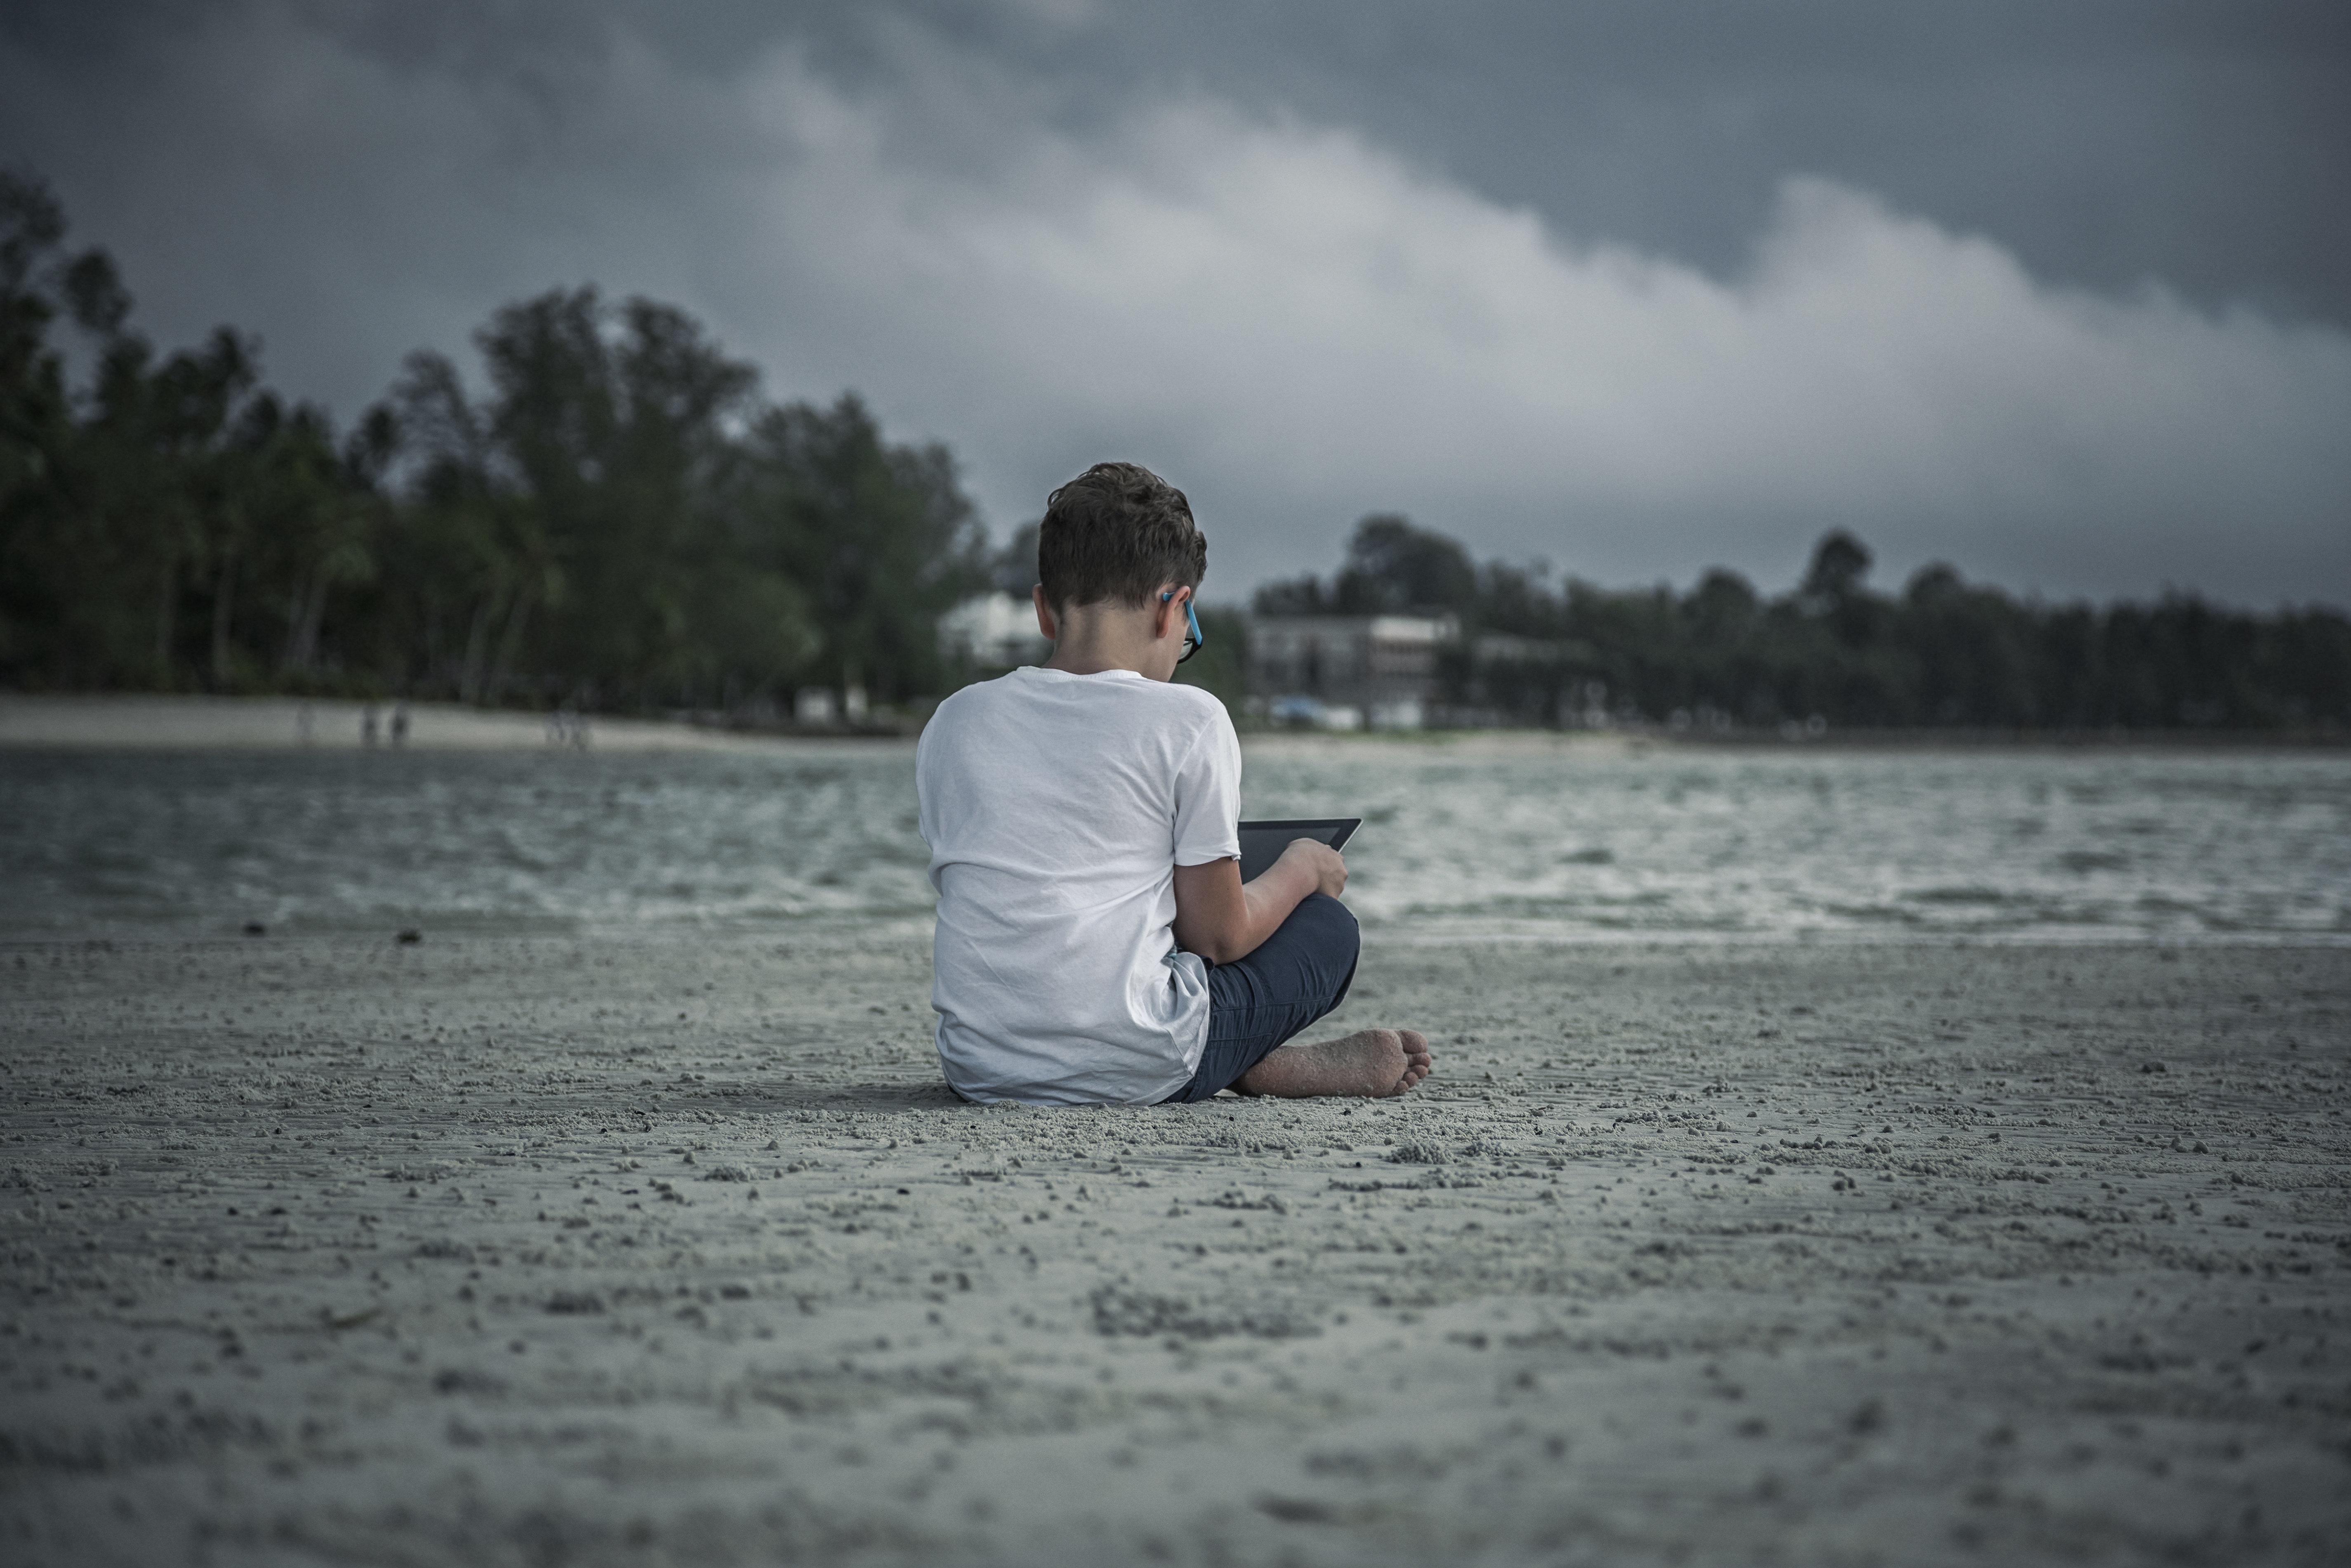 Εσείς ξέρετε τι βλέπουν τα παιδιά σας στο ίντερνετ; Μια έρευνα έρχεται να σας διαφωτίσει